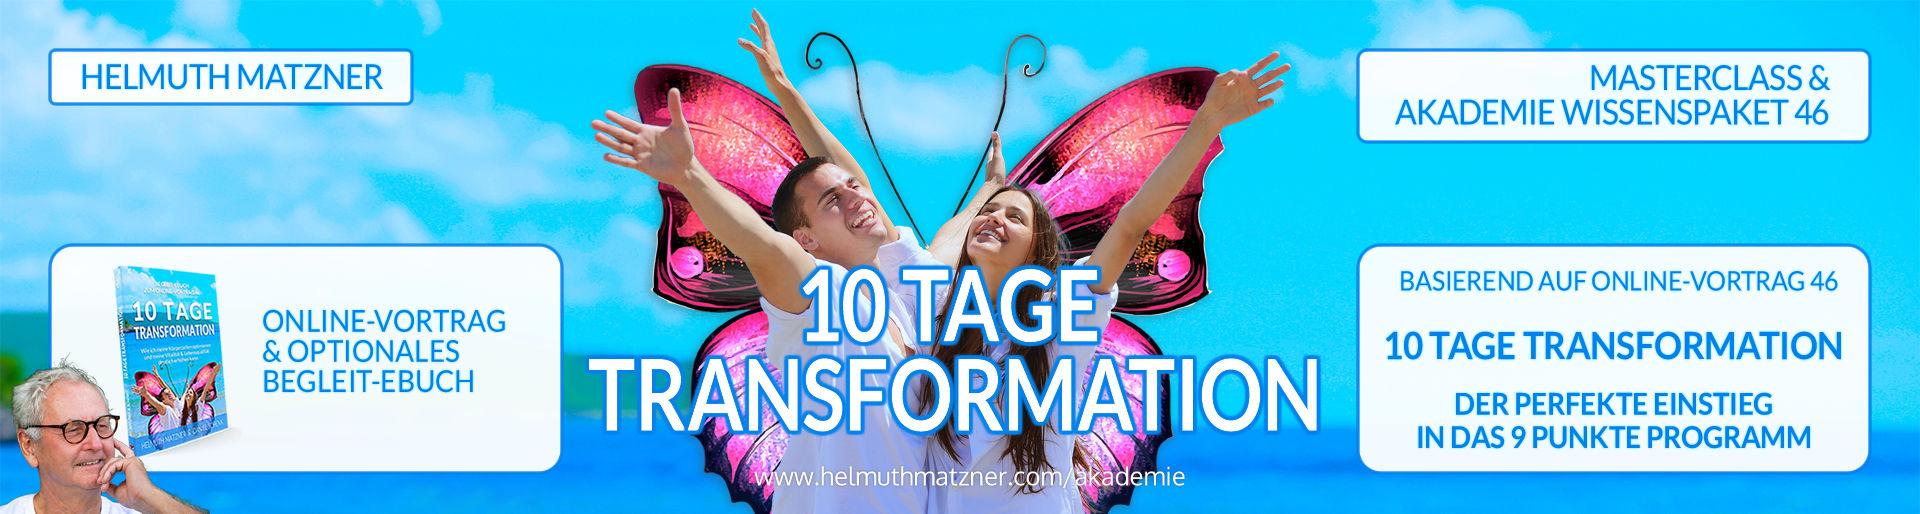 Helmuth Matzner - Masterclass & Akademie Wissenspaket 46 - 10 Tage Transformation - LP-Banner v01B4